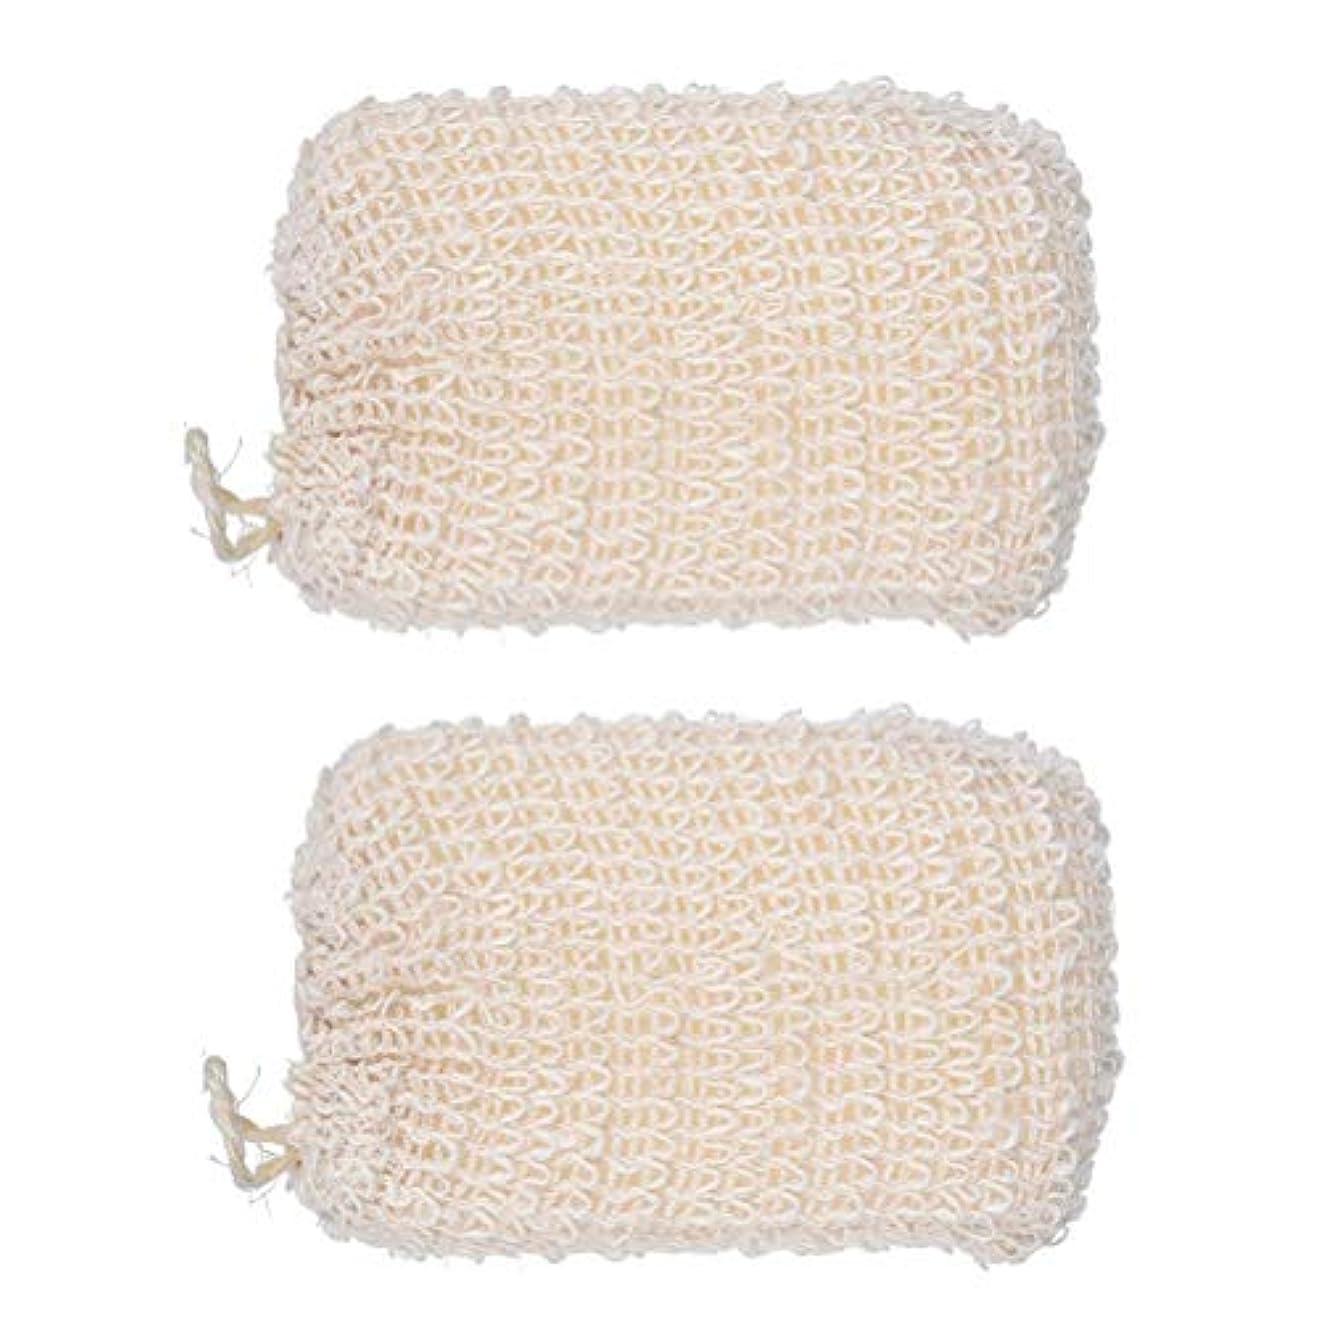 またね型不規則なBeaupretty 2ピース風呂スポンジ植物綿とリネン風呂ブラシ柔らかい風呂スポンジスクラバー用女性赤ちゃん子供(ベージュ)